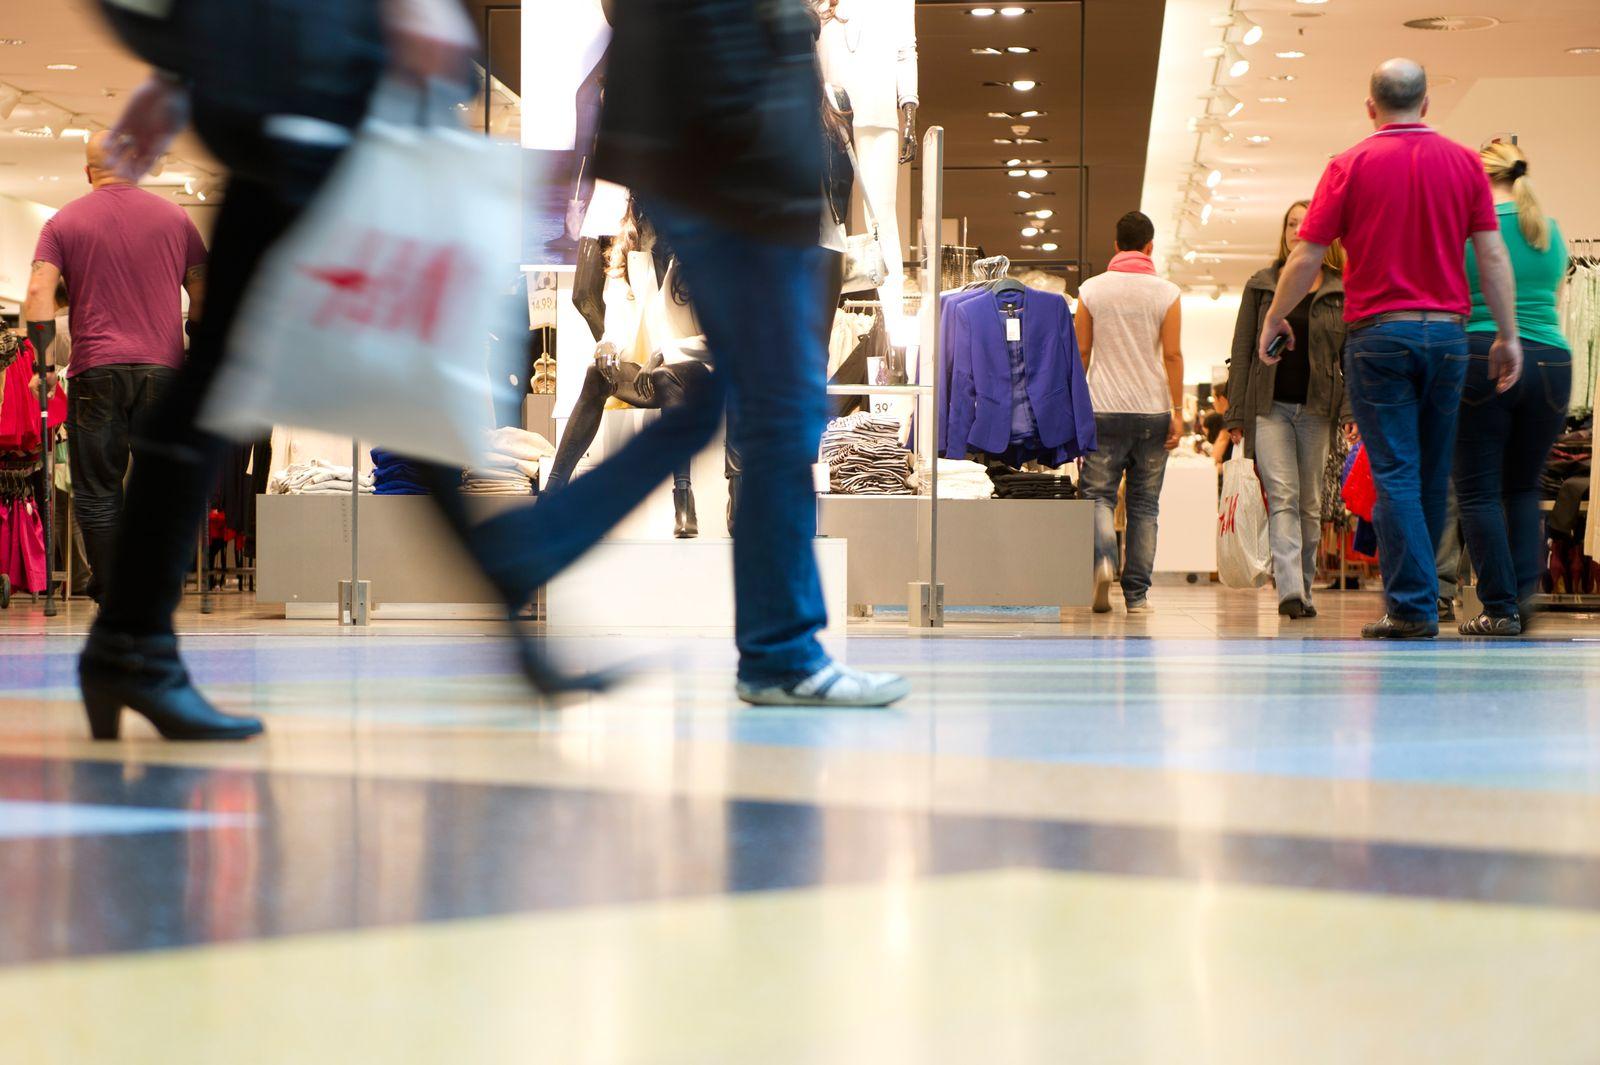 Deutschland / Konjunktur / Konsum / Kaufen / Kunden im Einkaufszentrum